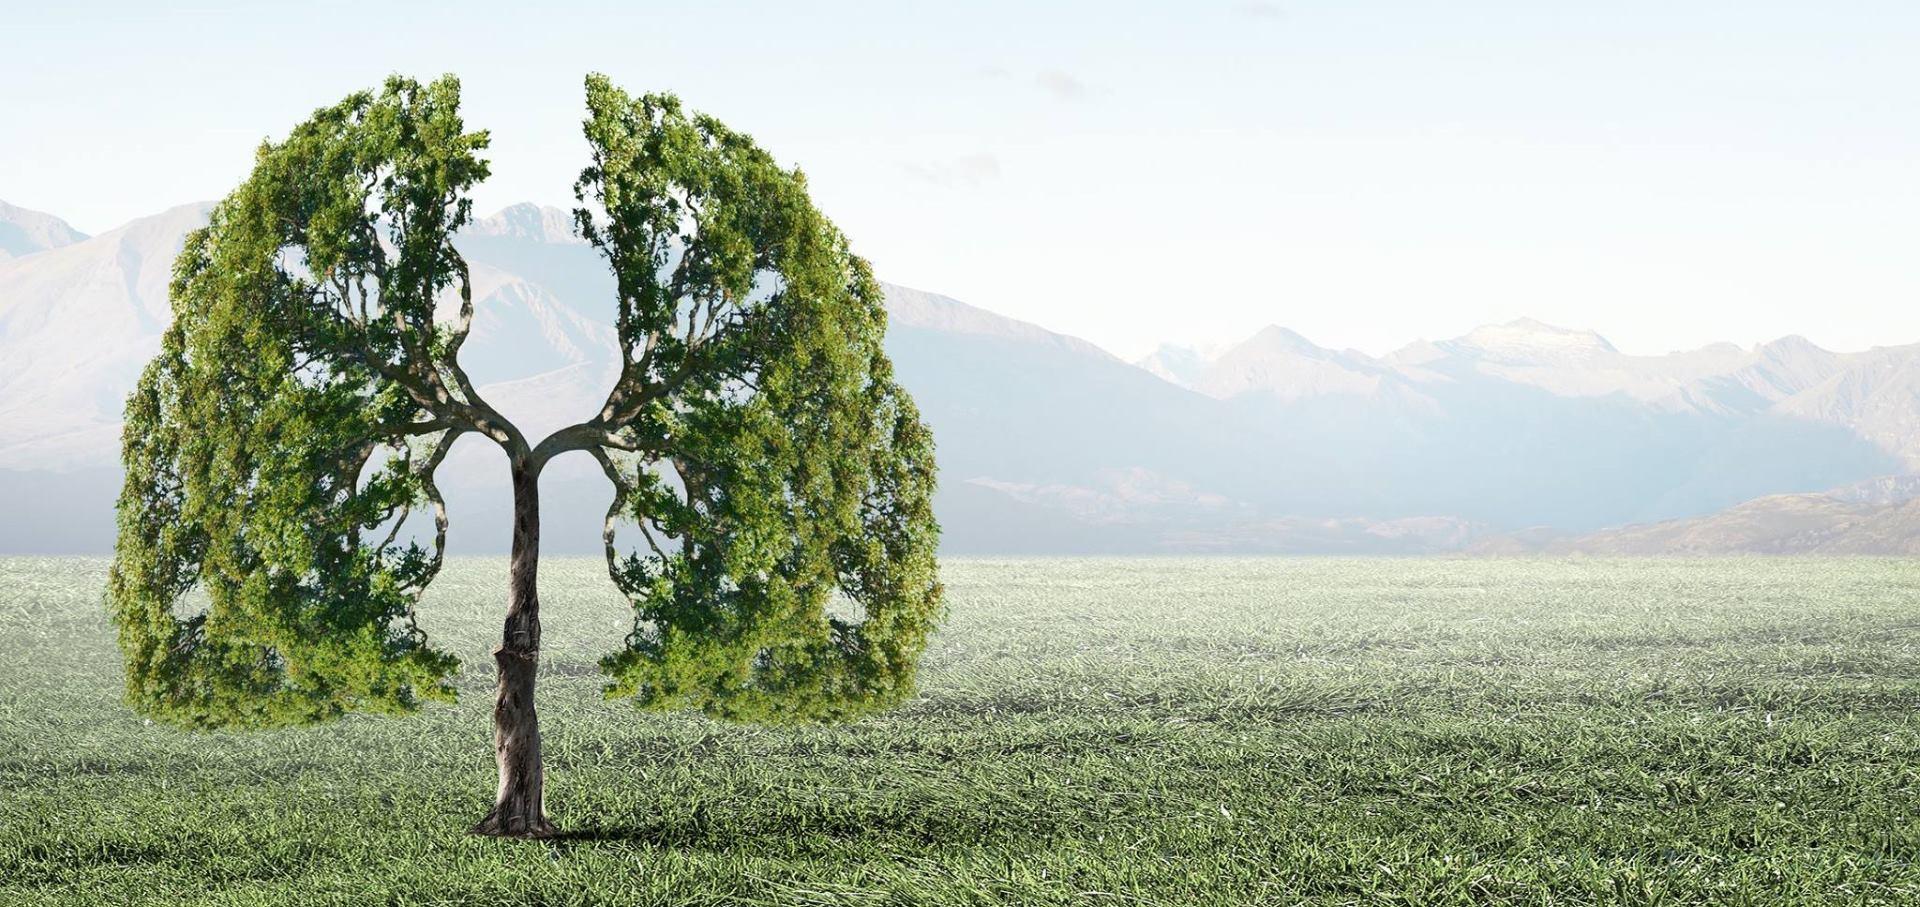 """Hrvatske šume i GI """"Dani kolektivne sadnje drveća u Hrvatskoj"""" žele ozeleniti urbane sredine"""